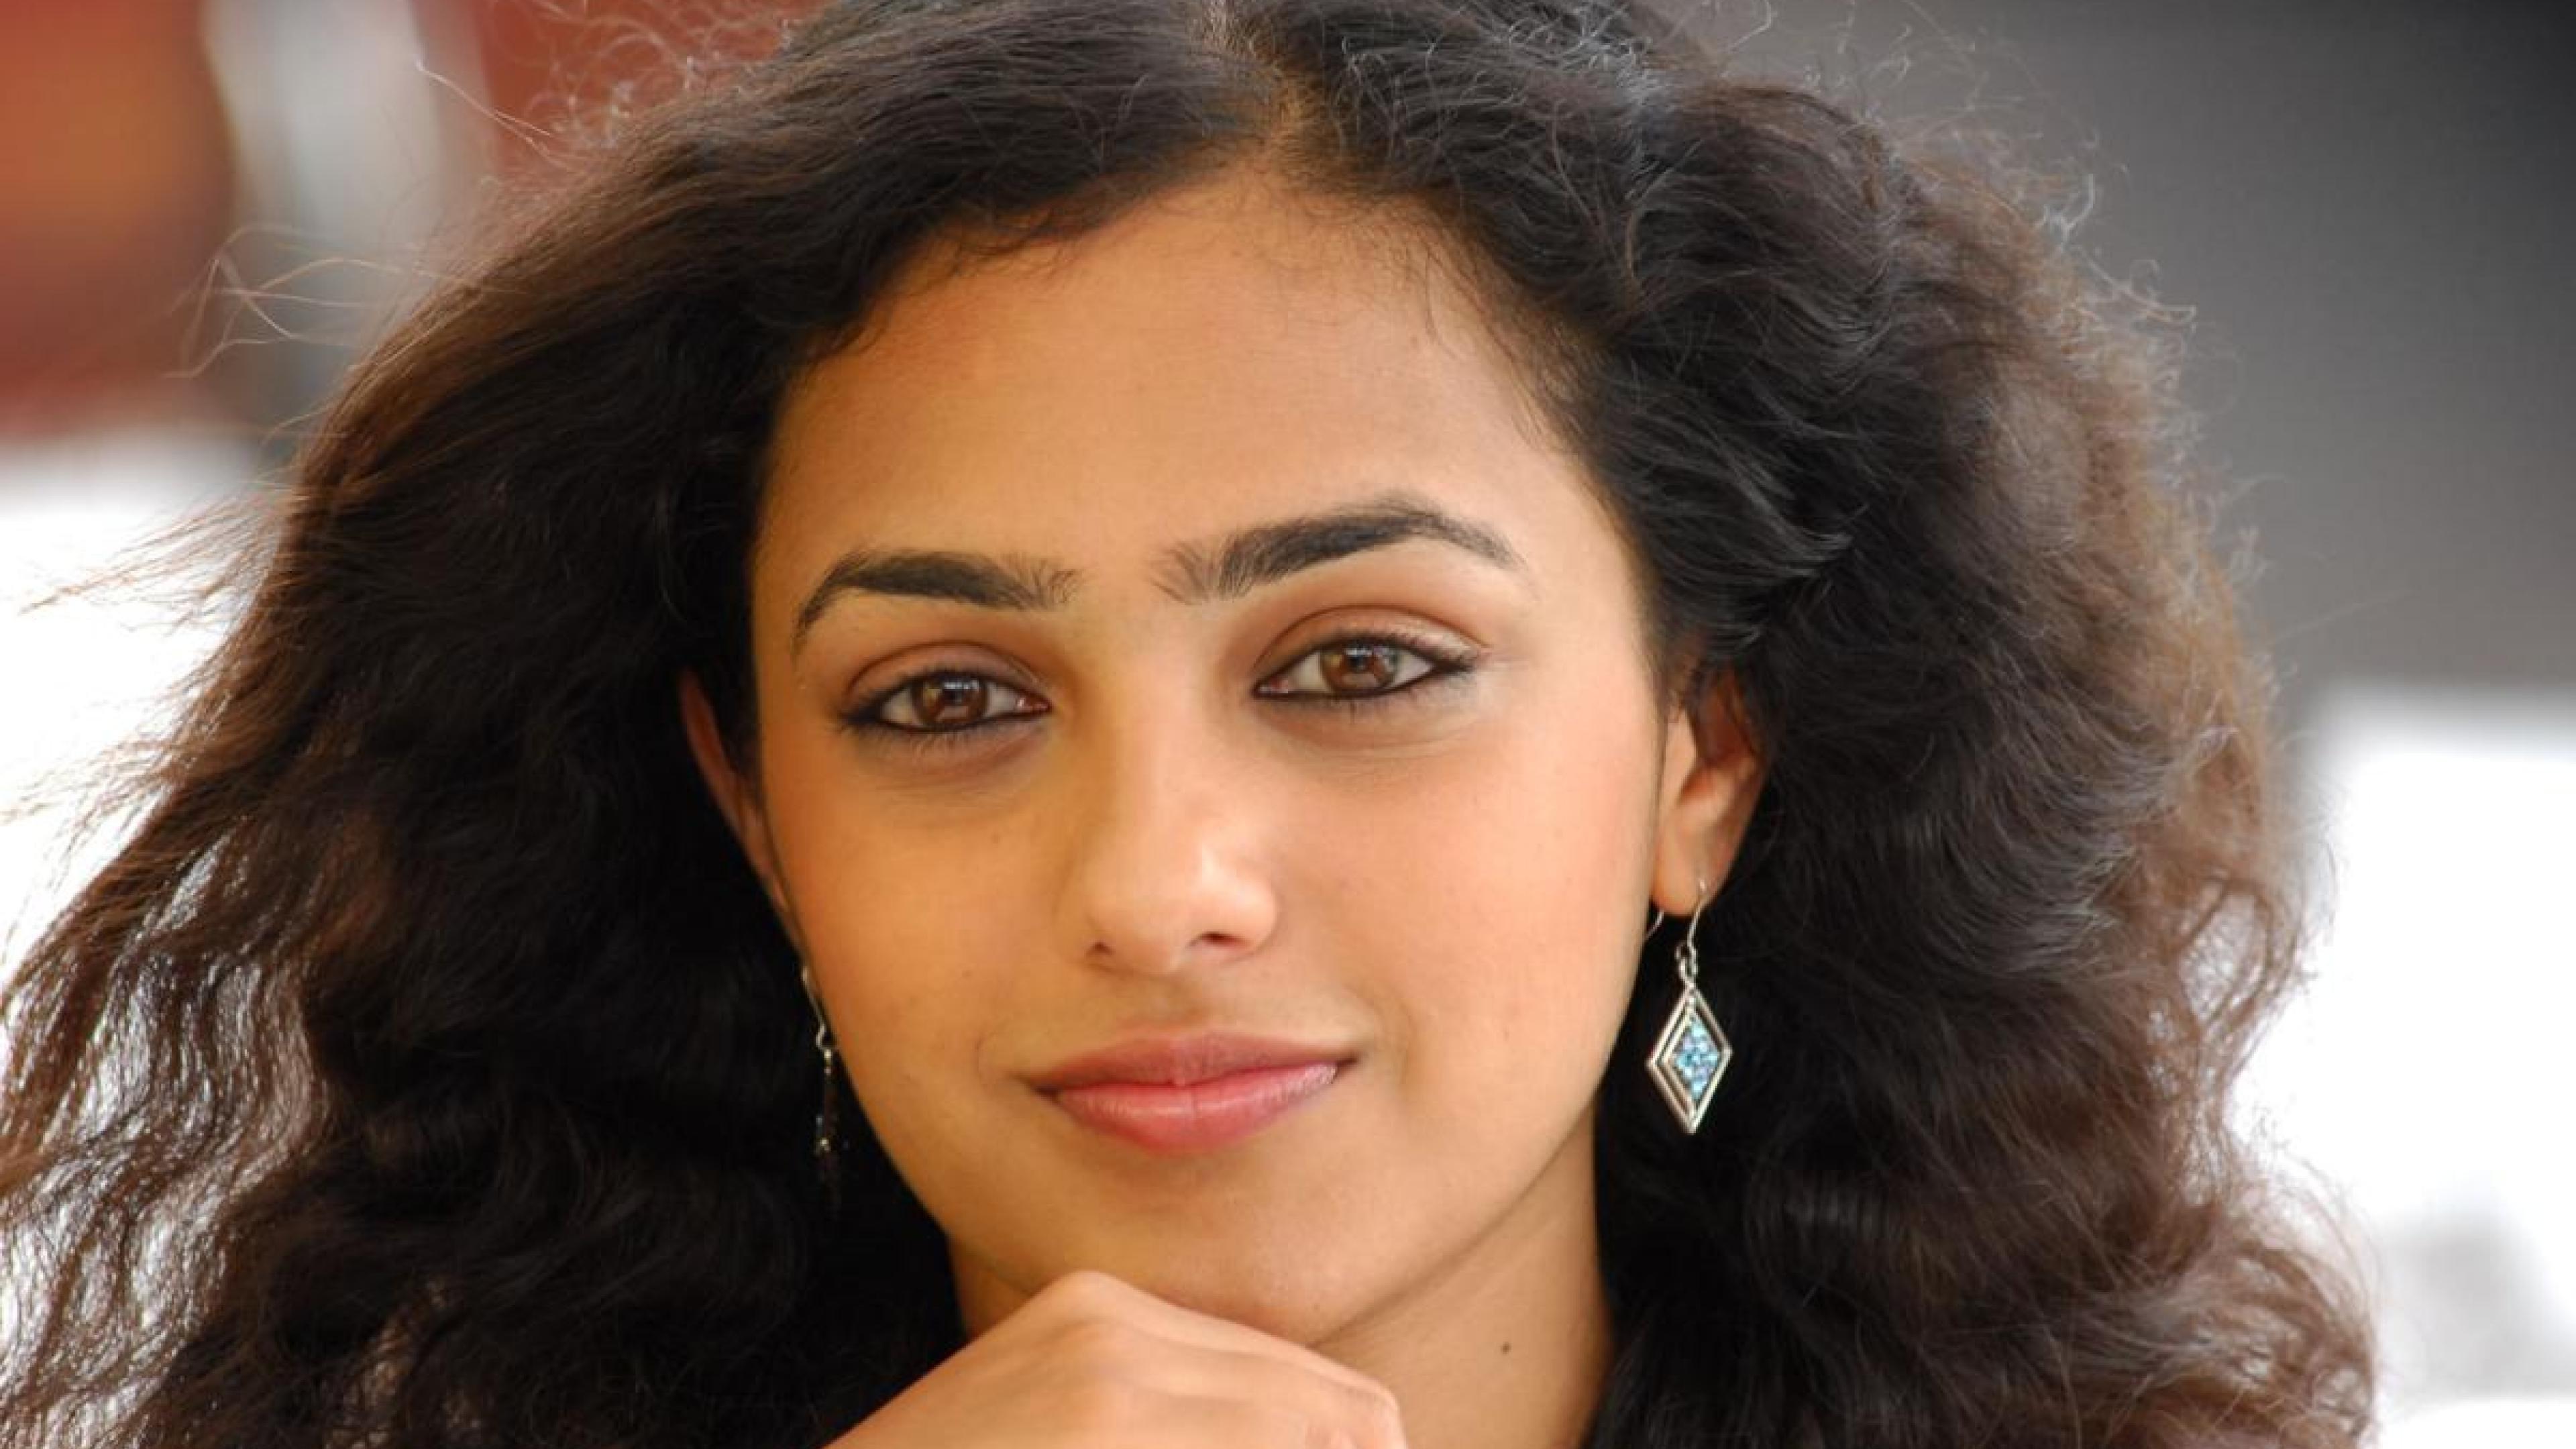 nithya menon black kannada face malayalam ultra 3840x2160 hd